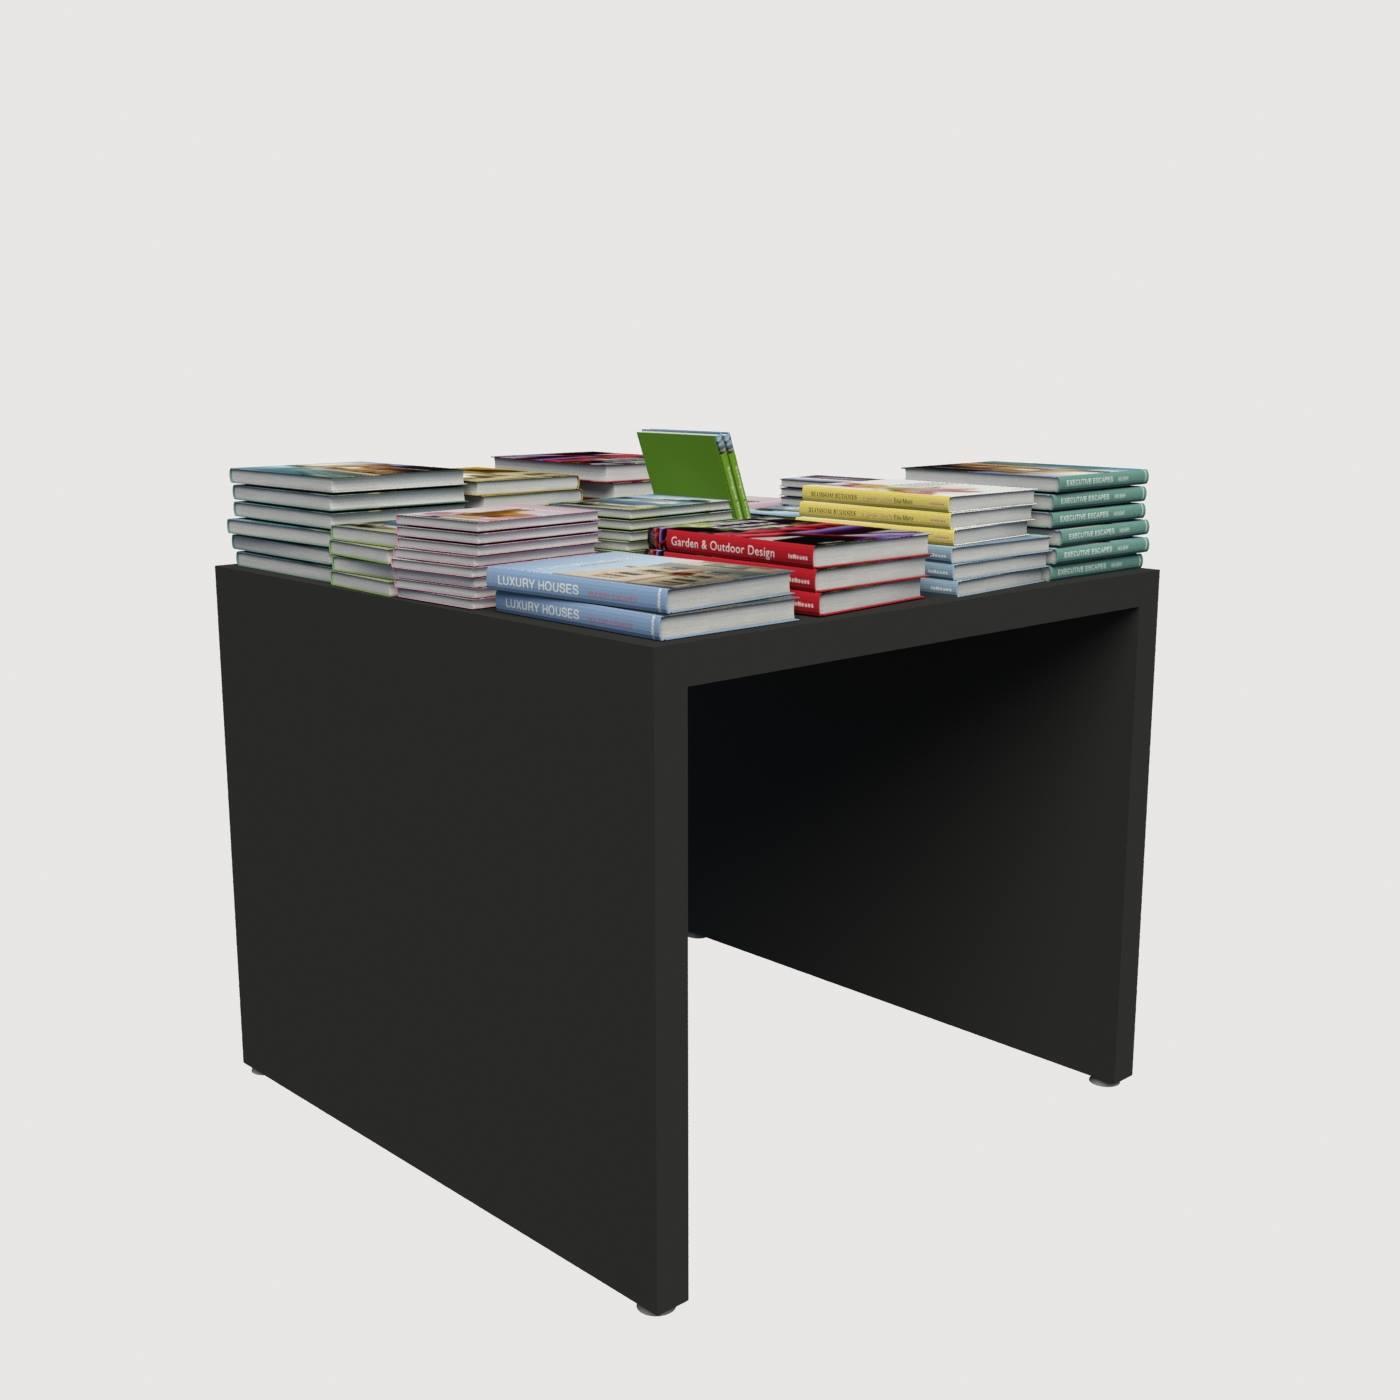 Επιπλώσεις καταστημάτων βιβλιοπωλείου έπιπλα καταστήματος εξοπλισμός διακόσμηση μελέτη σχεδιασμός